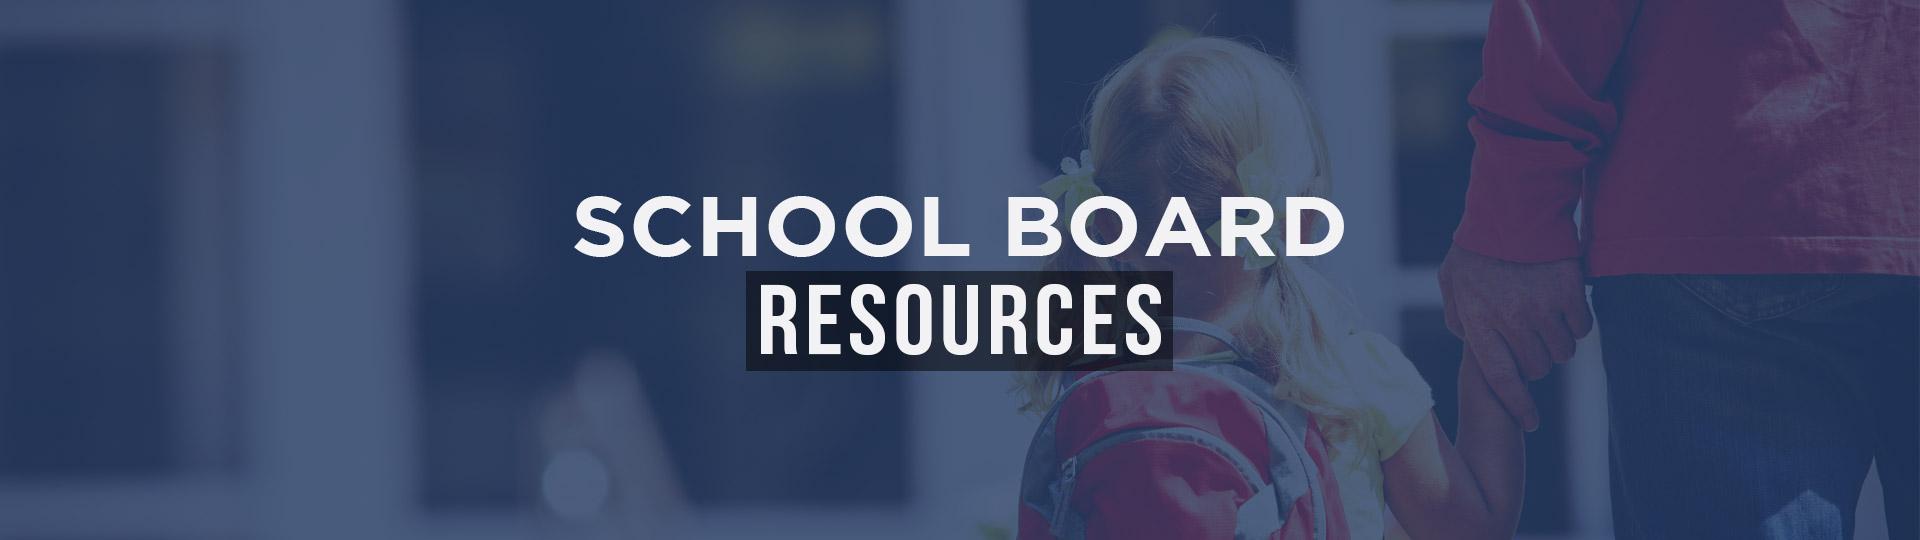 School Board Resources